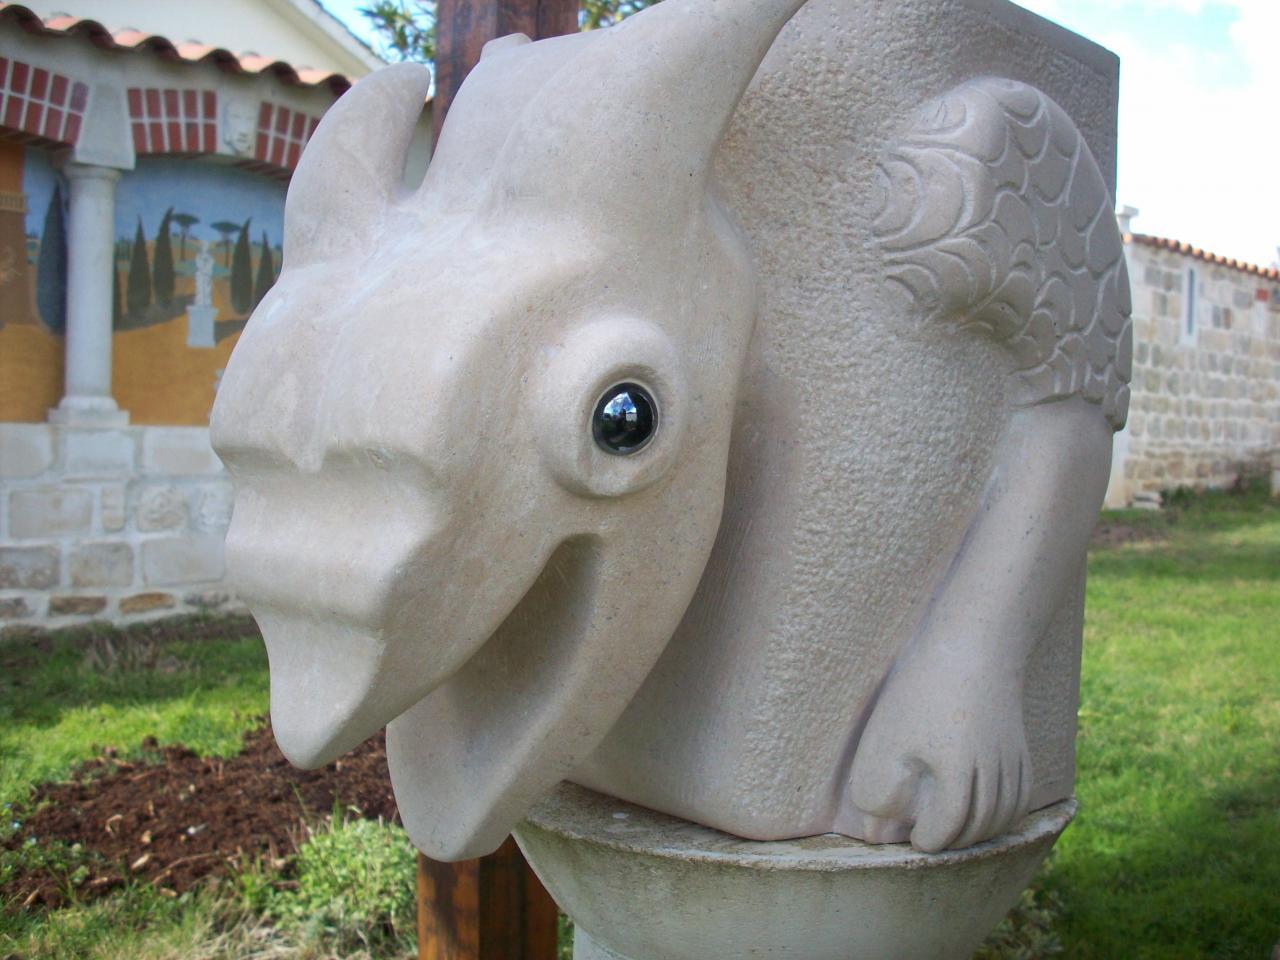 Vue de la chimère terminée de par son côté gauche.